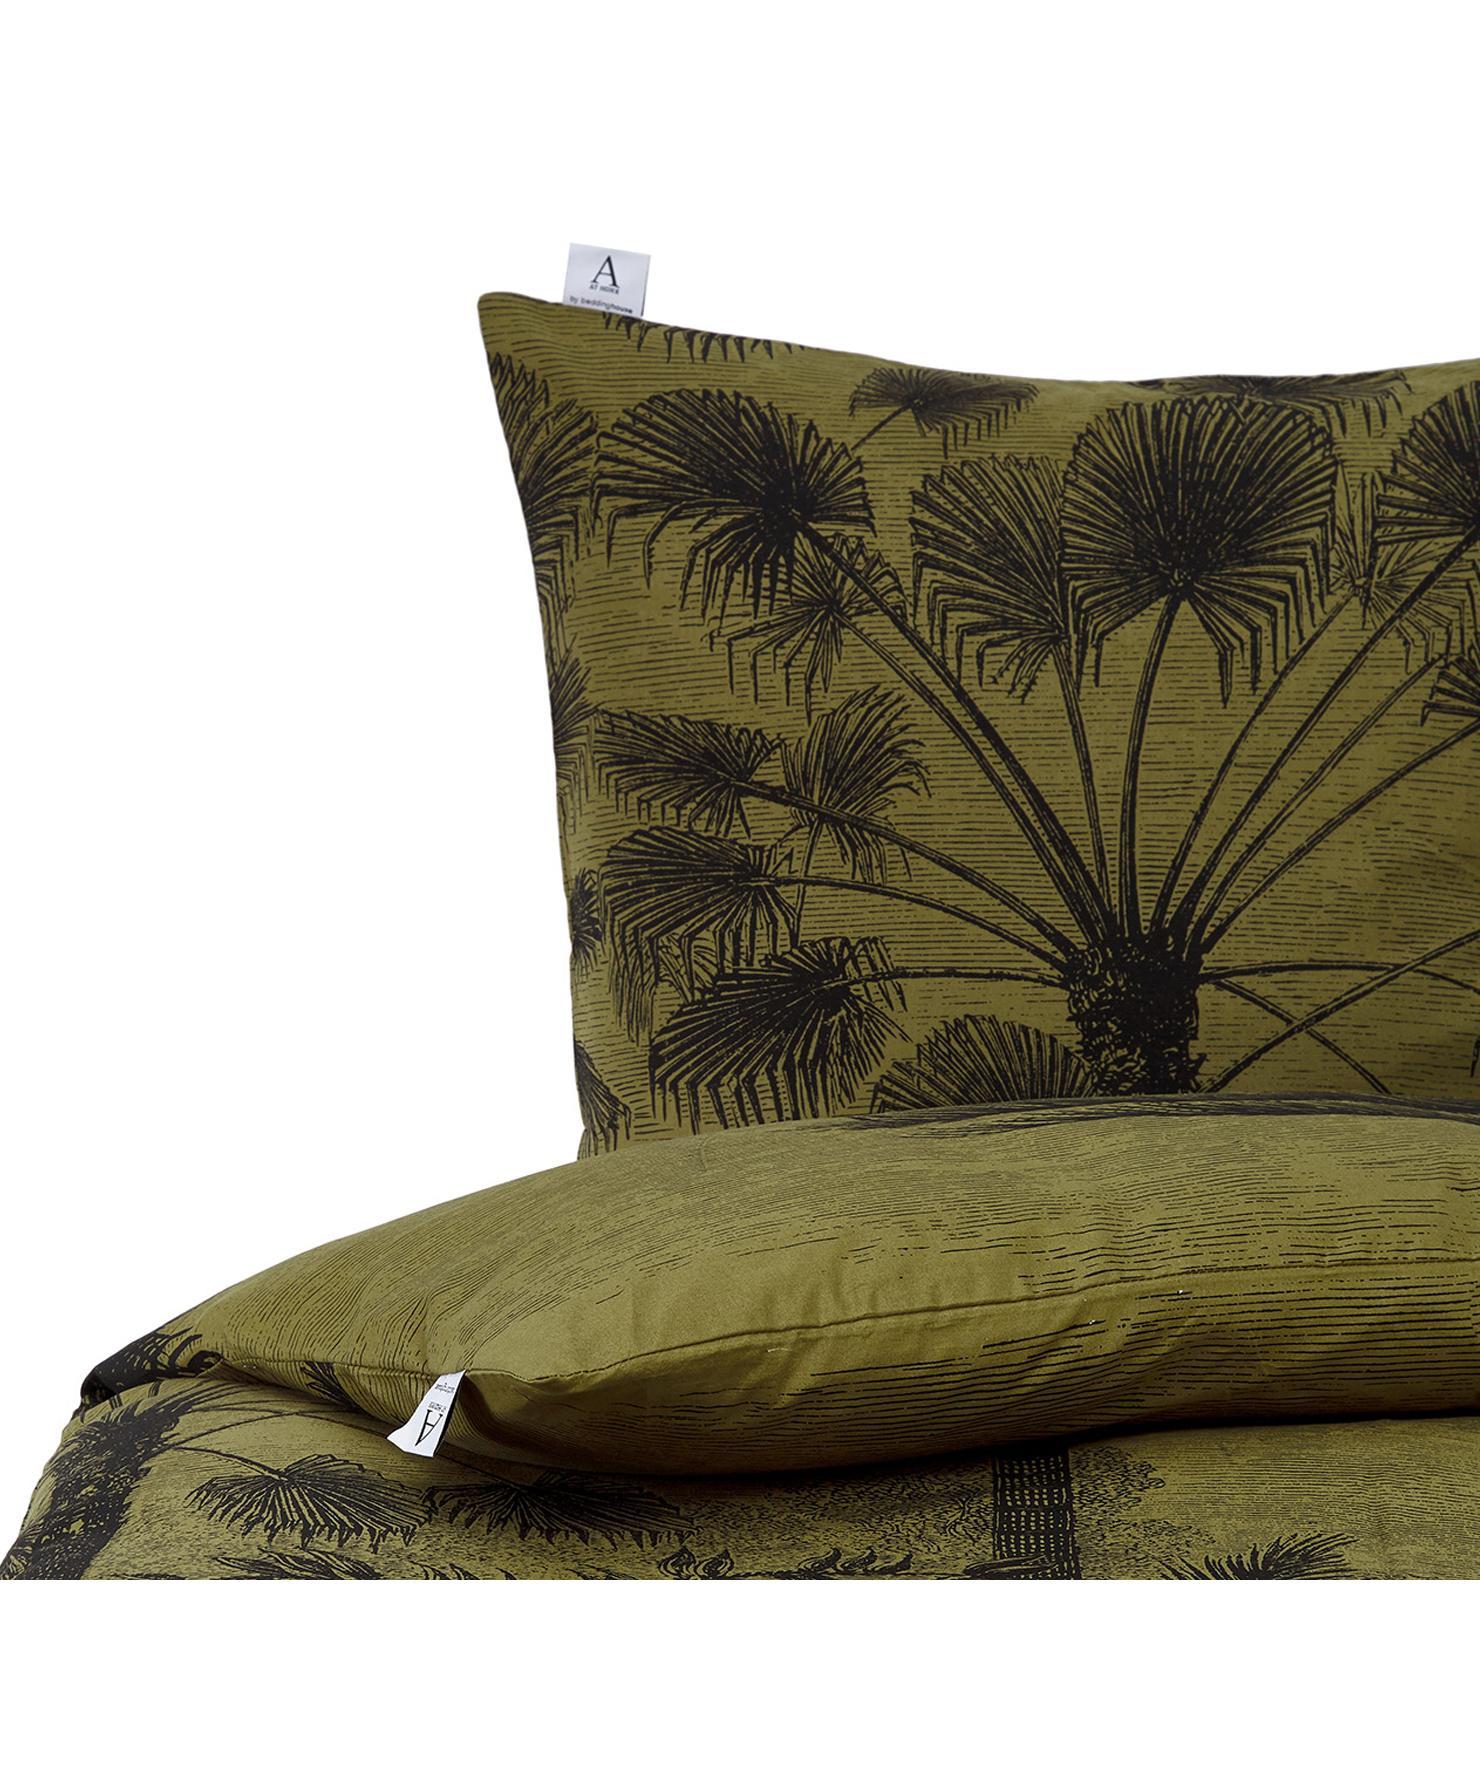 Baumwoll-Bettwäsche Tour du Monde in Kahki mit Palmenmotiv, 100% Baumwolle  Fadendichte 144 TC, Standard Qualität  Bettwäsche aus Baumwolle fühlt sich auf der Haut angenehm weich an, nimmt Feuchtigkeit gut auf und eignet sich für Allergiker, Grün, Schwarz, 135 x 200 cm + 1 Kissen 80 x 80 cm